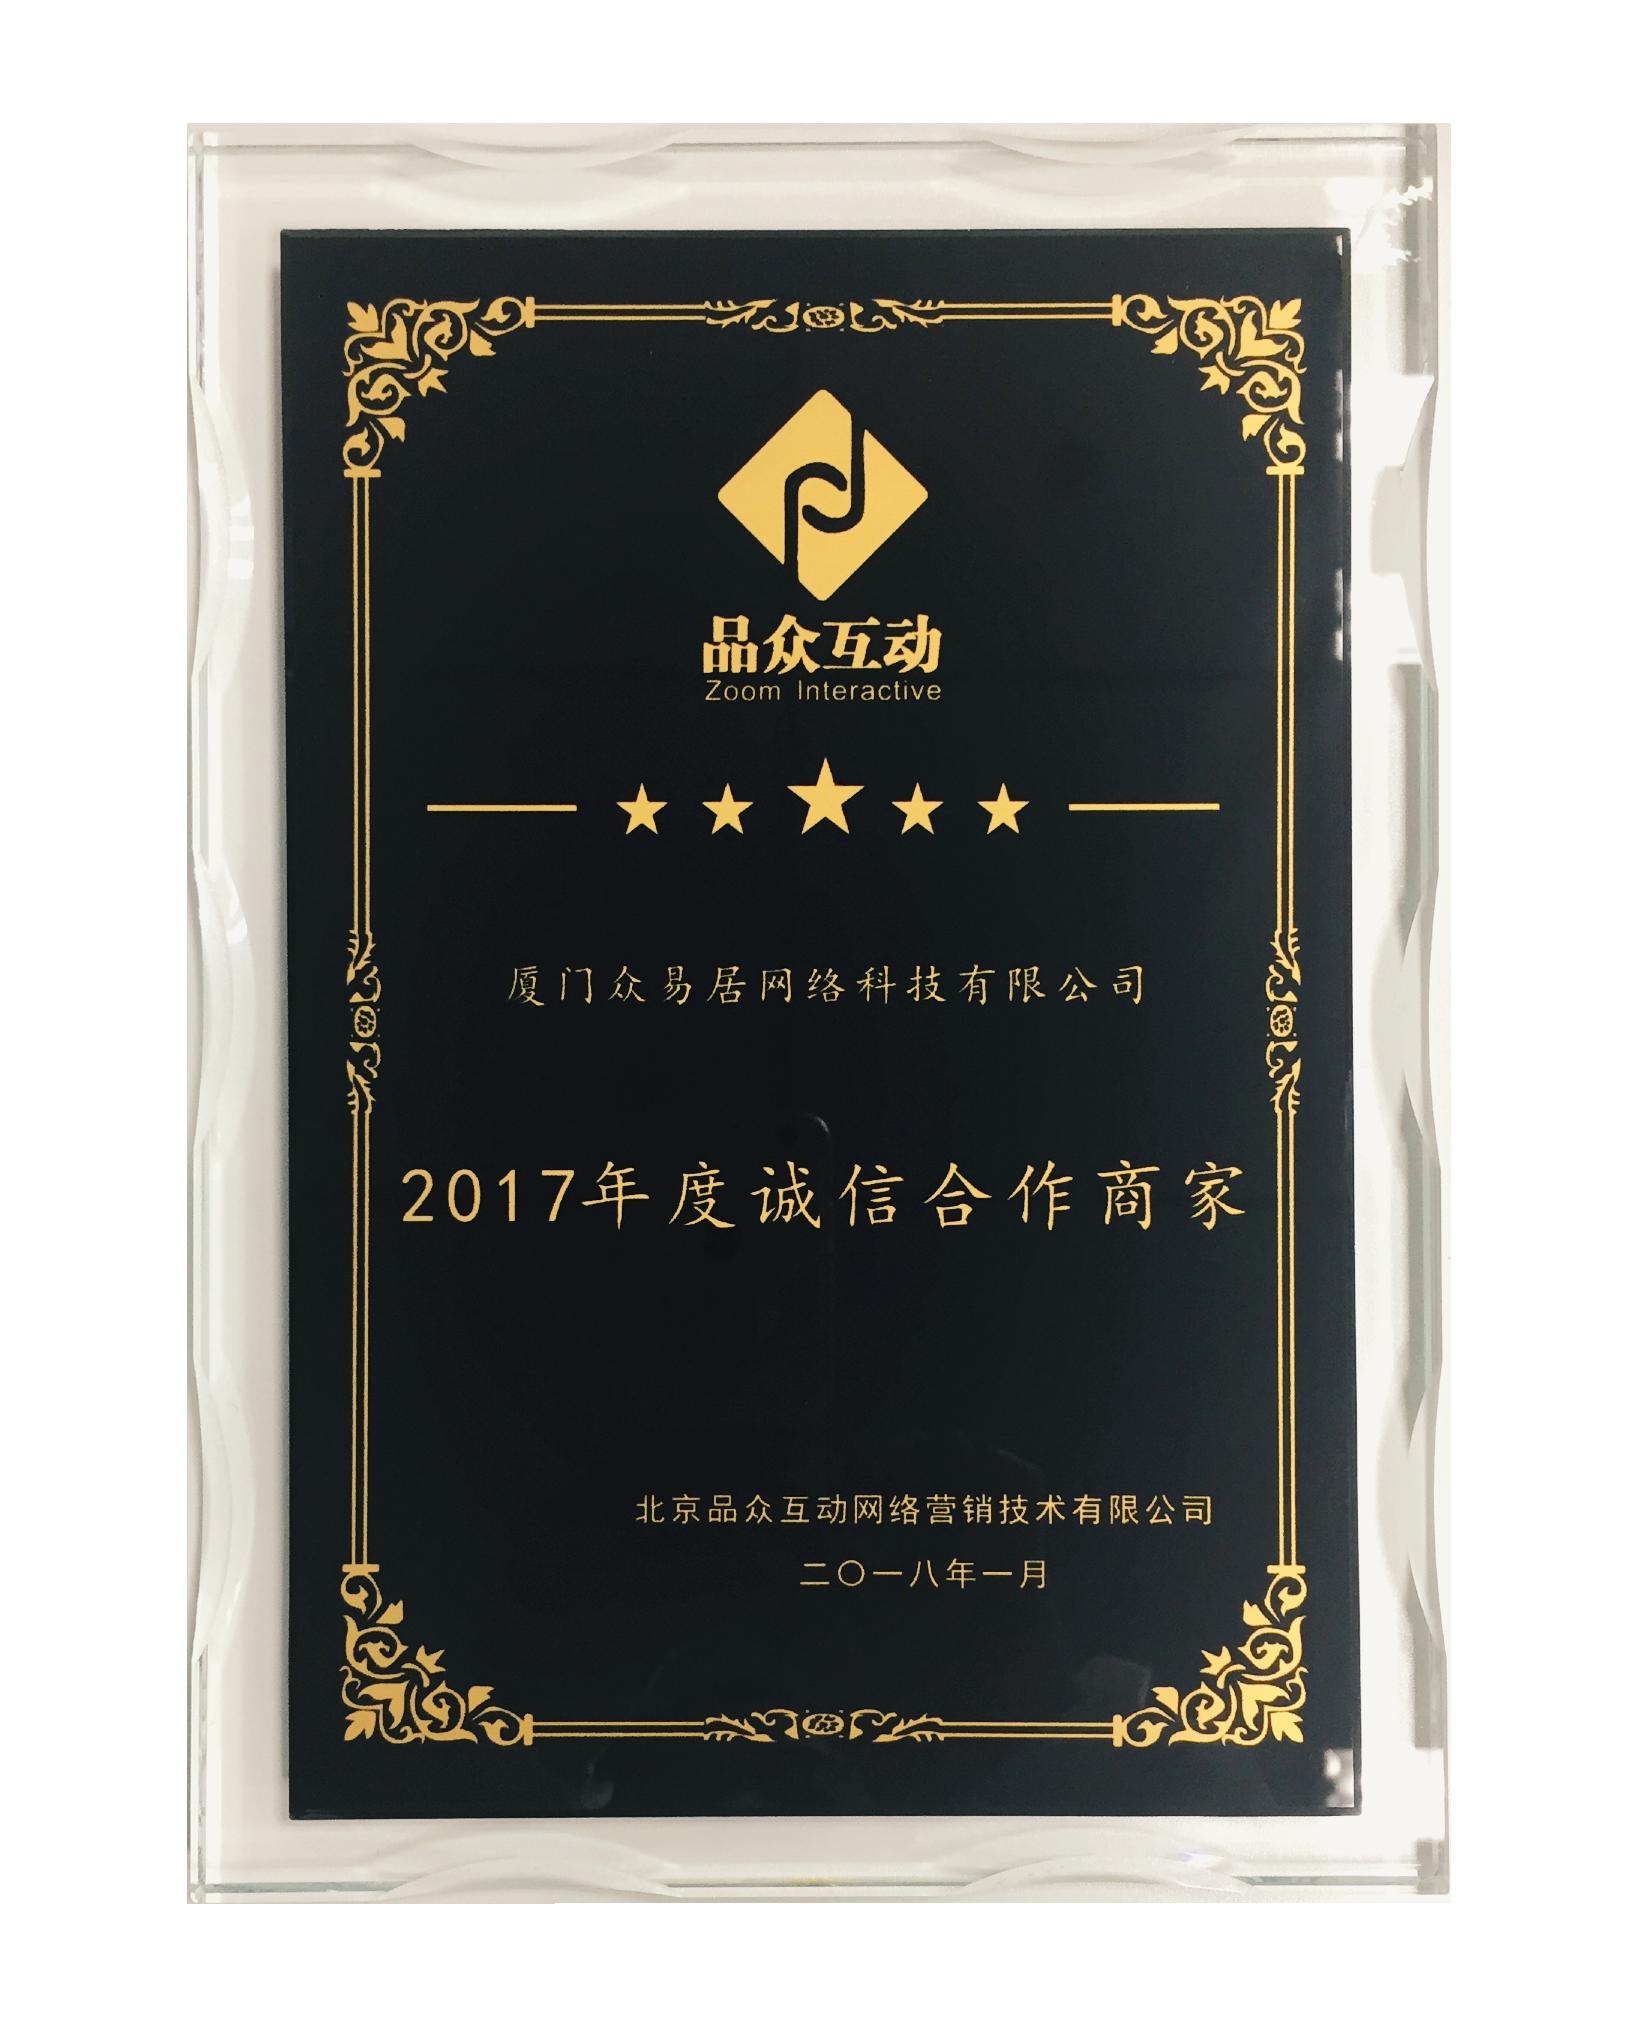 众易居荣获2017年度诚信合作商家